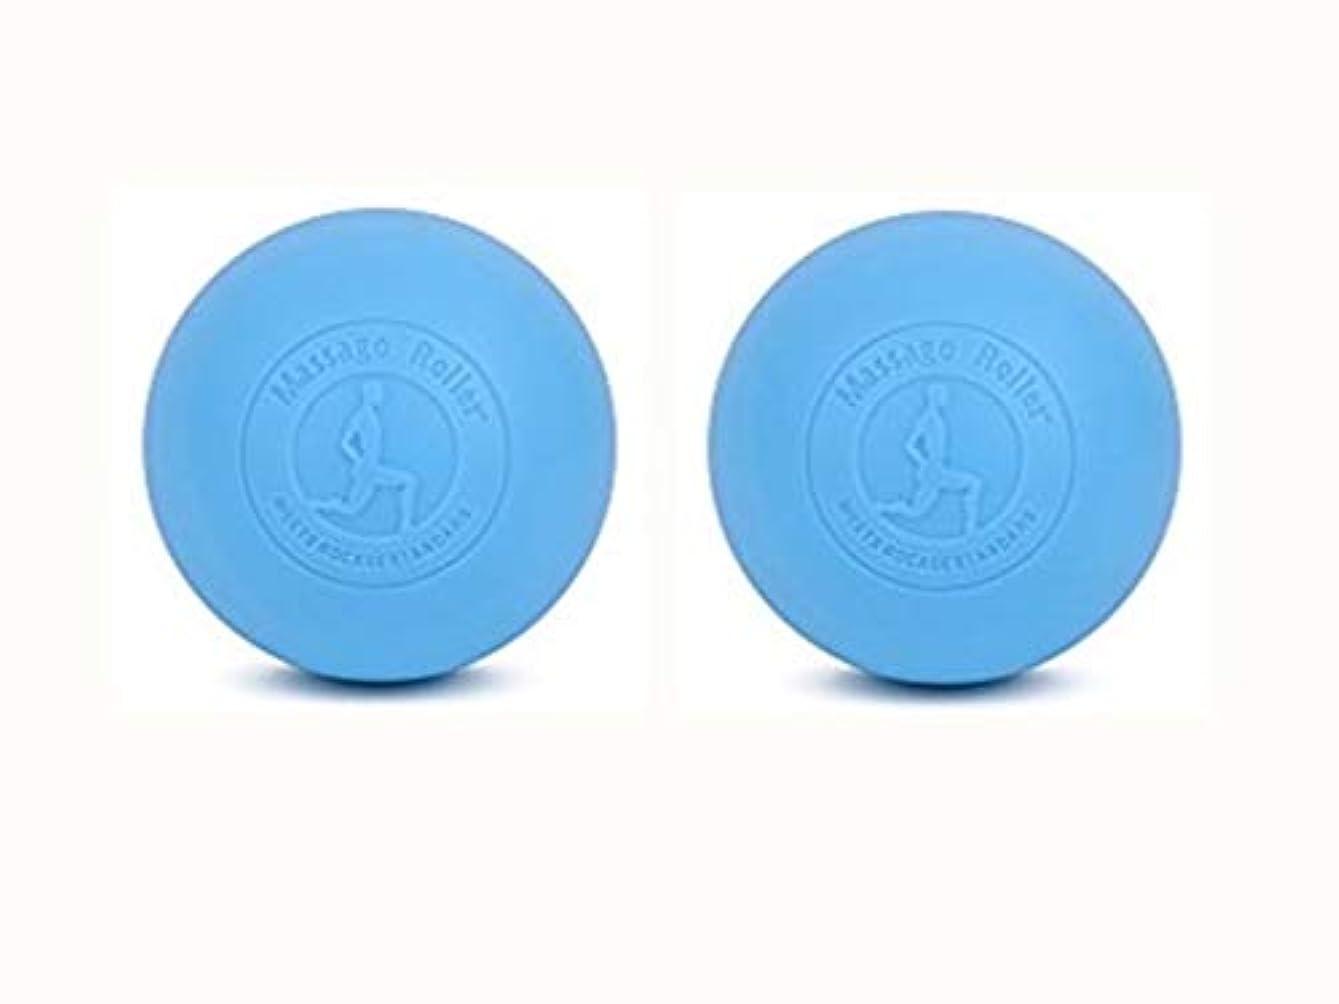 脱走機械的に素晴らしきONNSERR 深い筋肉のリラクゼーションマッサージボール トリガーポイント マッサージボール 指圧ボールマッスルマッサージボール、筋膜球 運動後に筋肉の痛みを和らげるのがよい